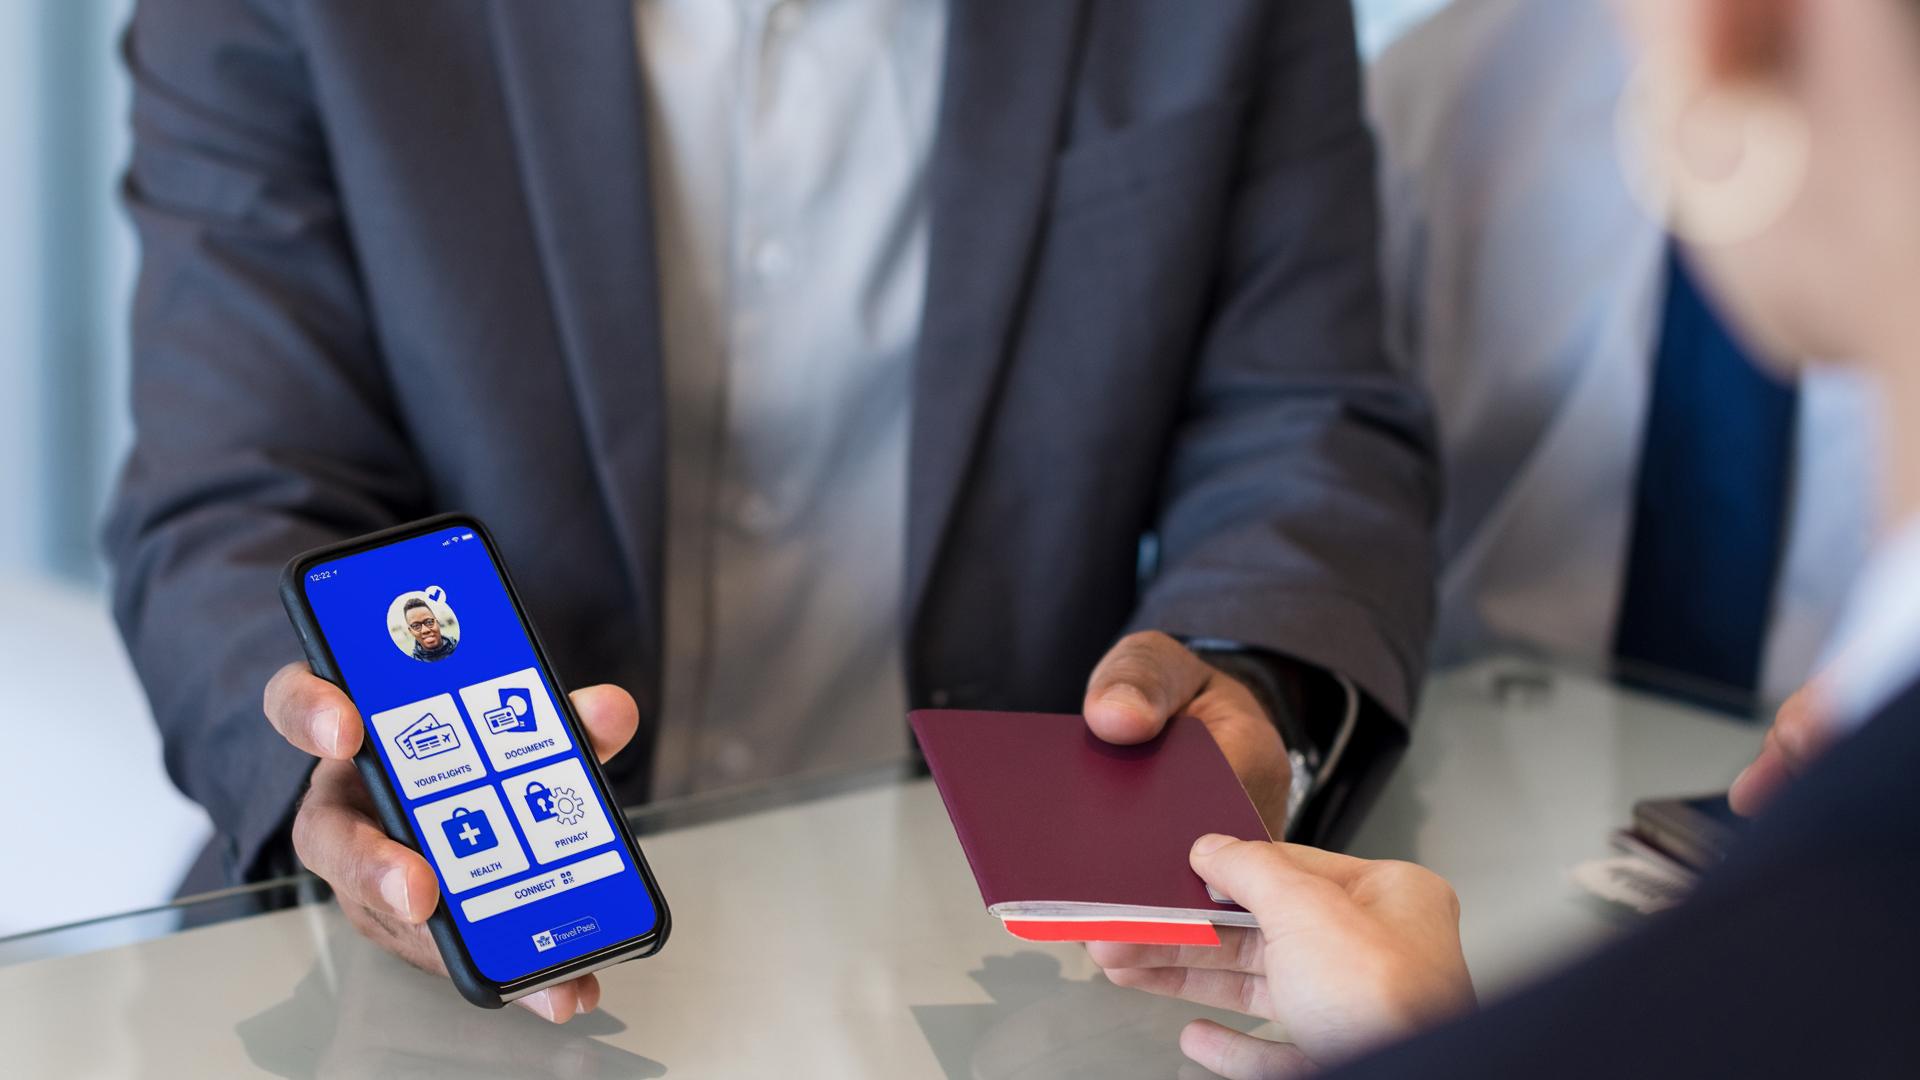 Hành khách tải ứng dụng IATA Travel Pass, điền thông tin